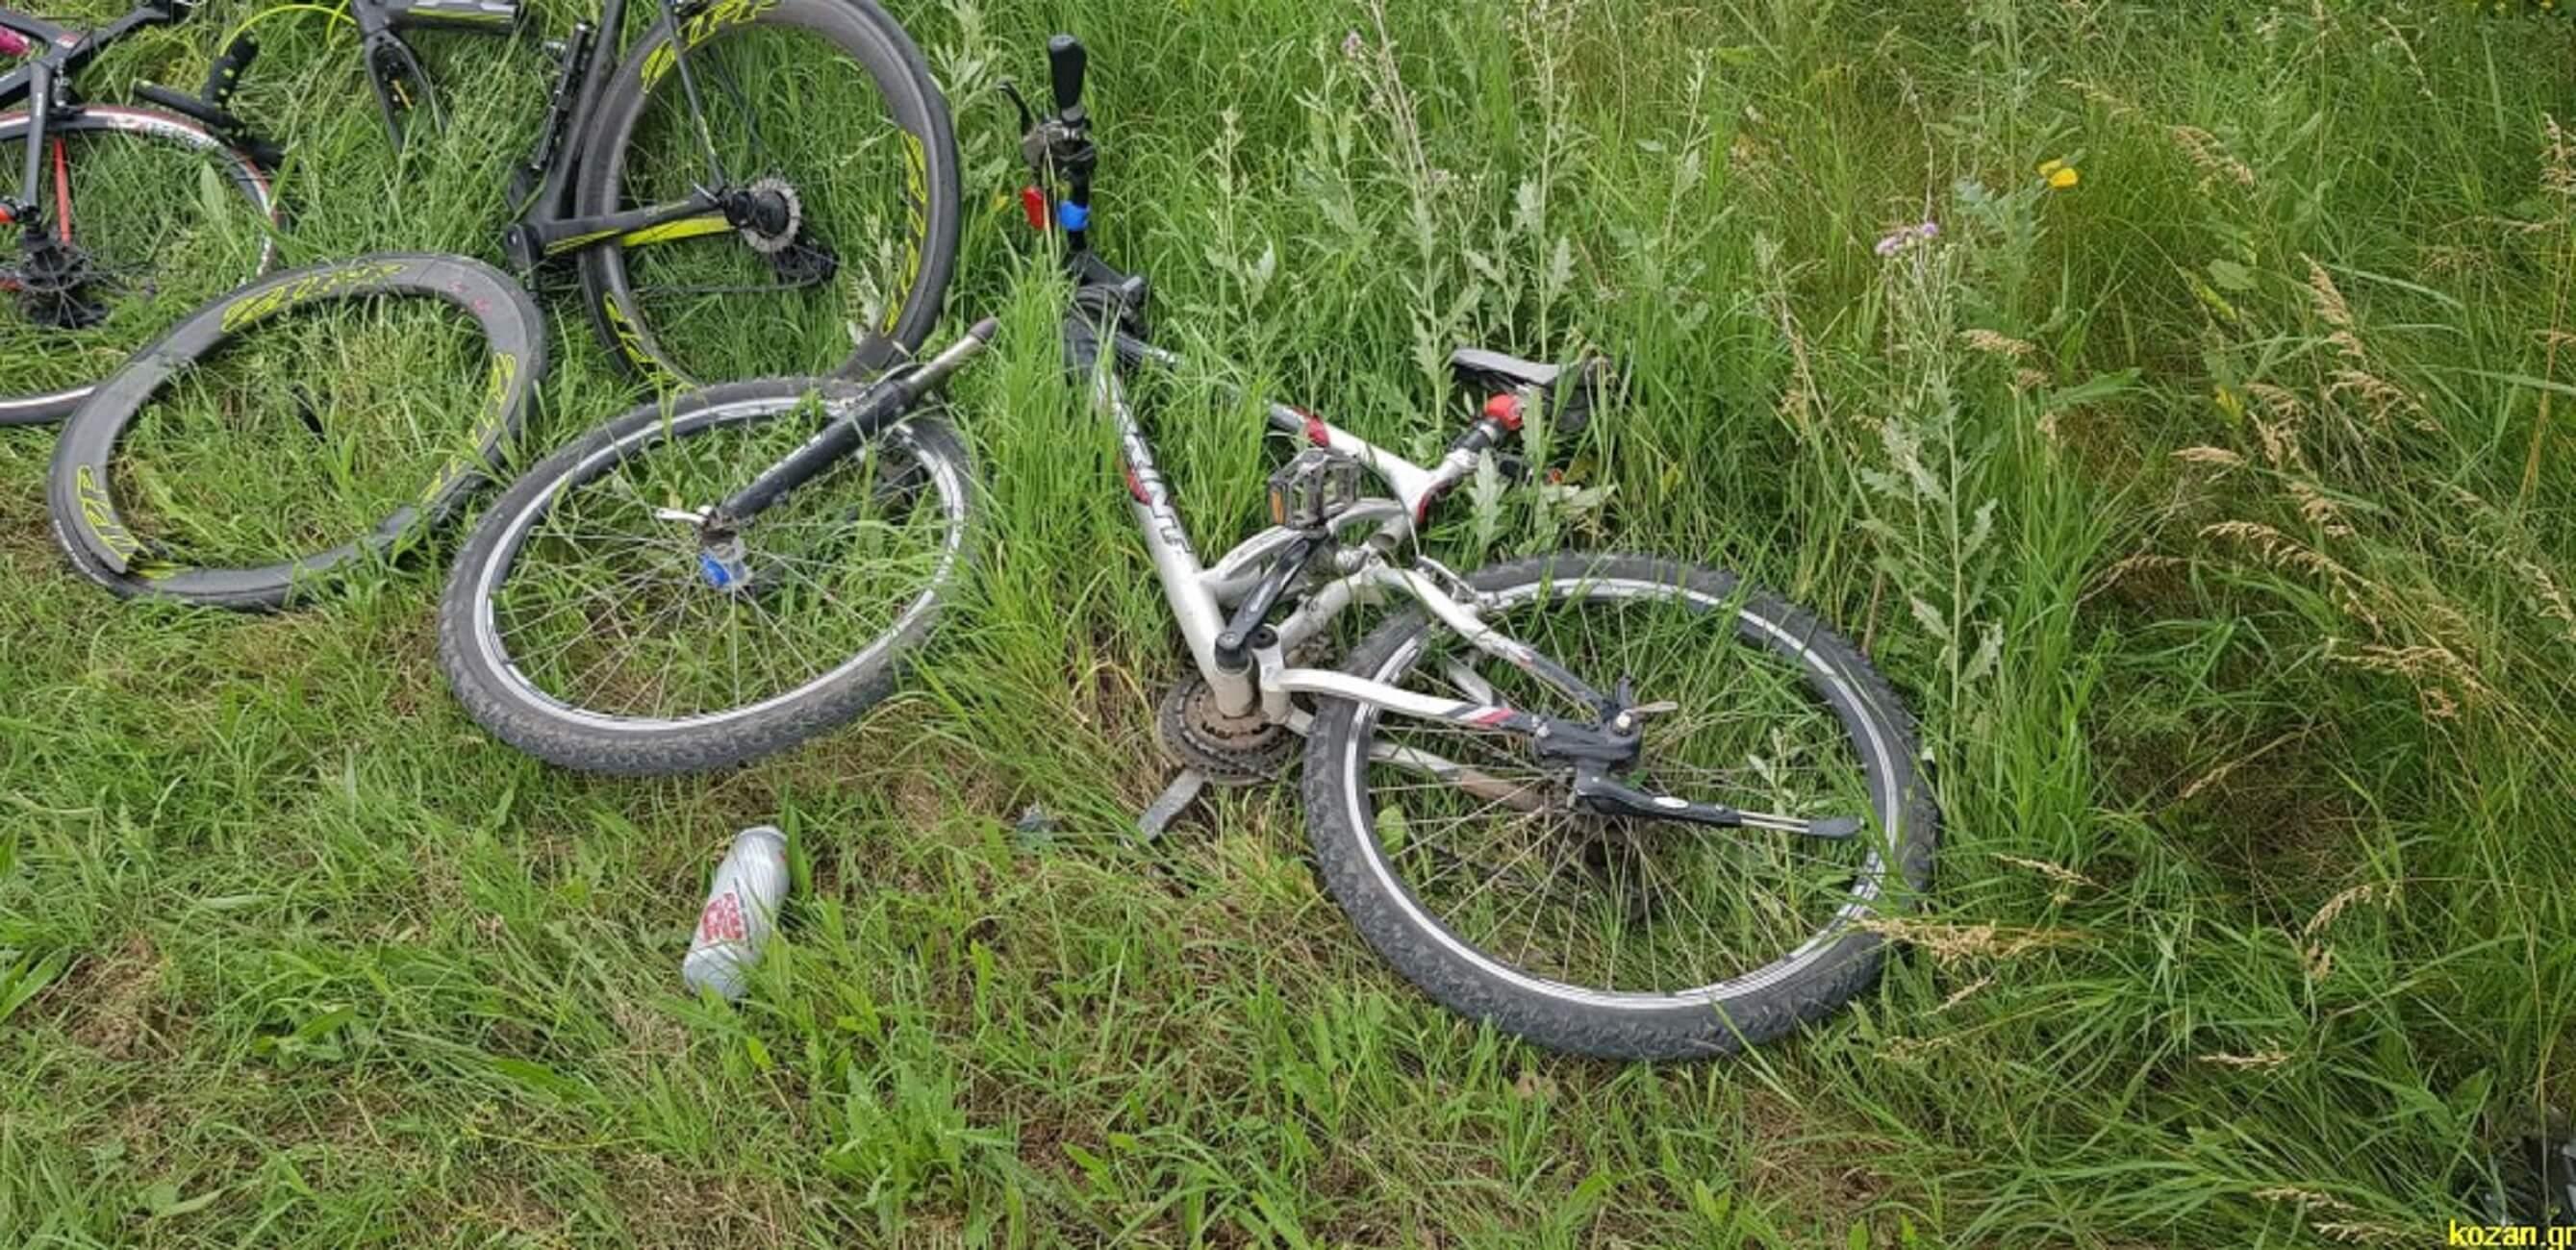 Πτολεμαΐδα: Με σοβαρά τραύματα οι δύο ποδηλάτες – Σύντομα εξιτήριο για τους άλλους δύο